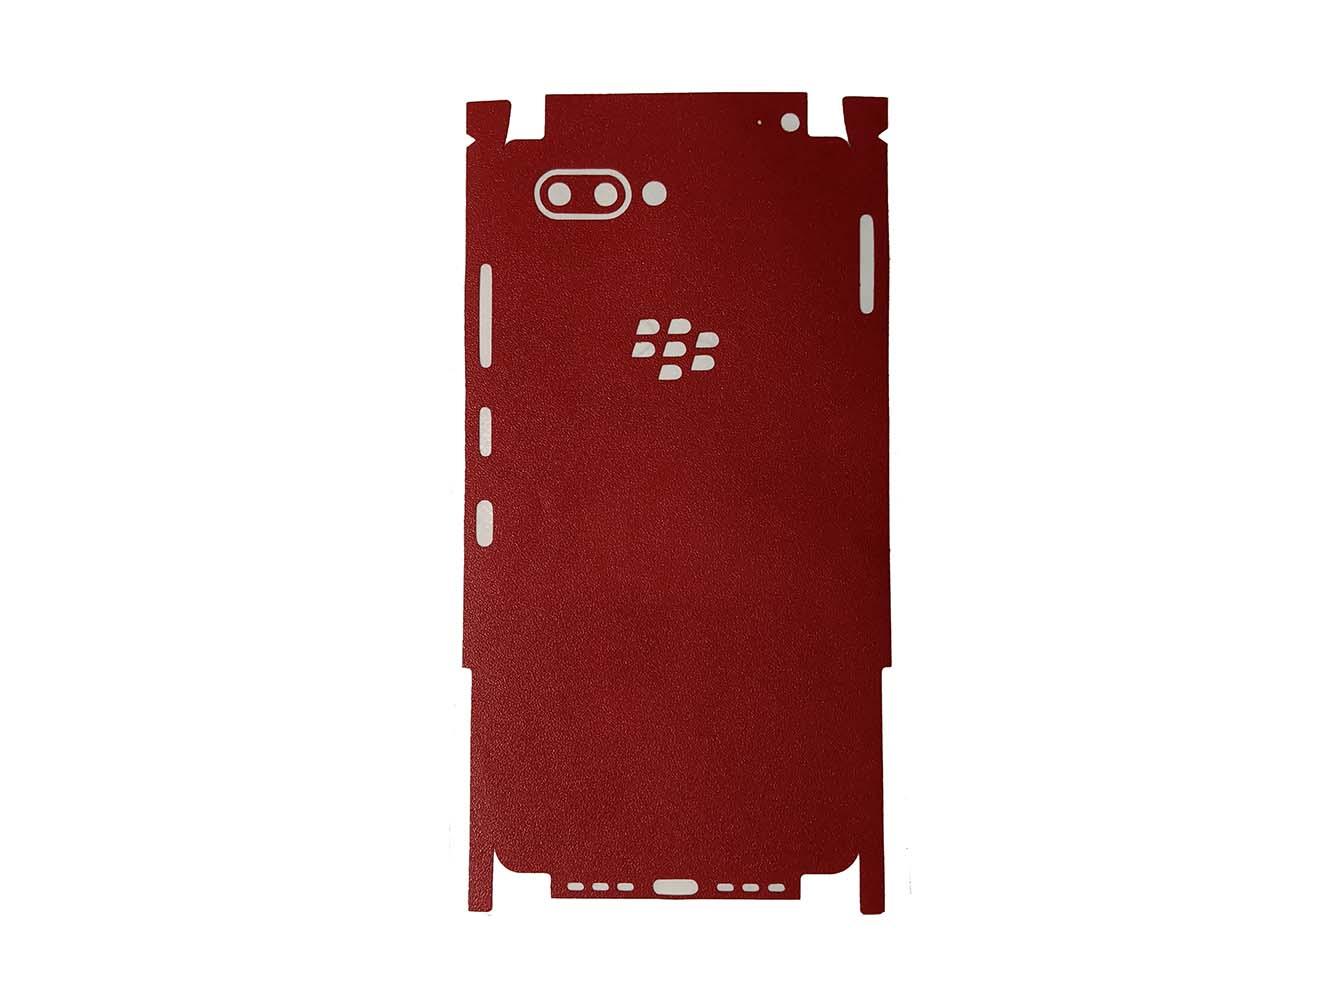 Miếng dám điện thoại Blackberry key 2